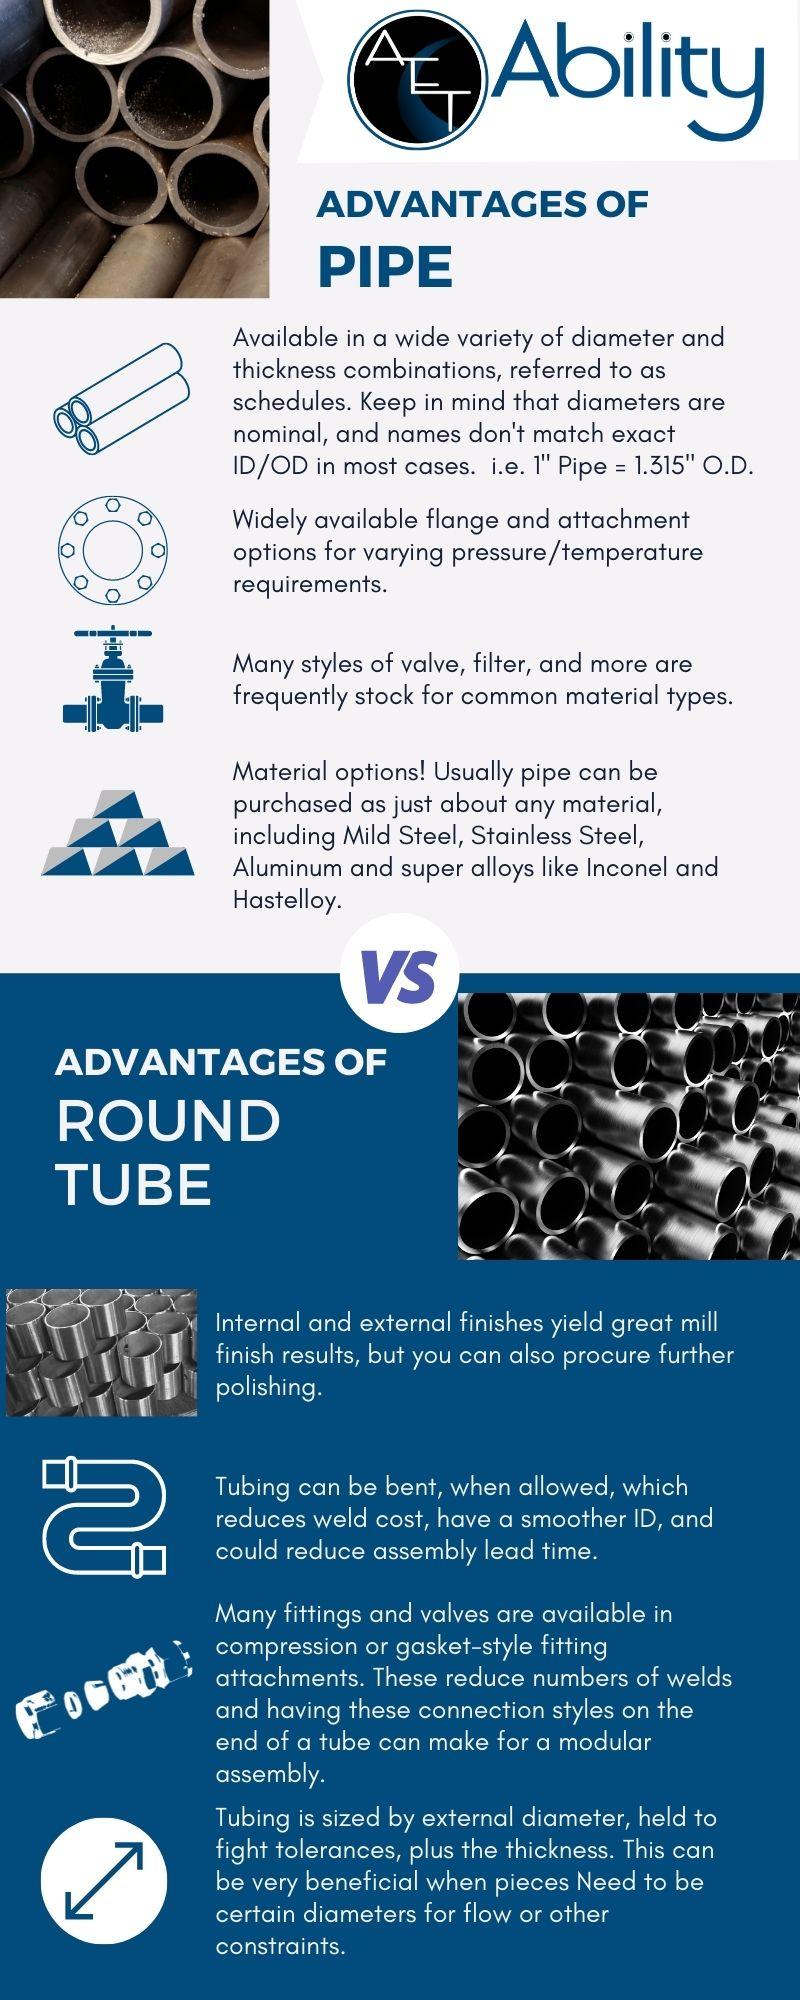 aet_tubing_vs_pipe_infographic.jpg